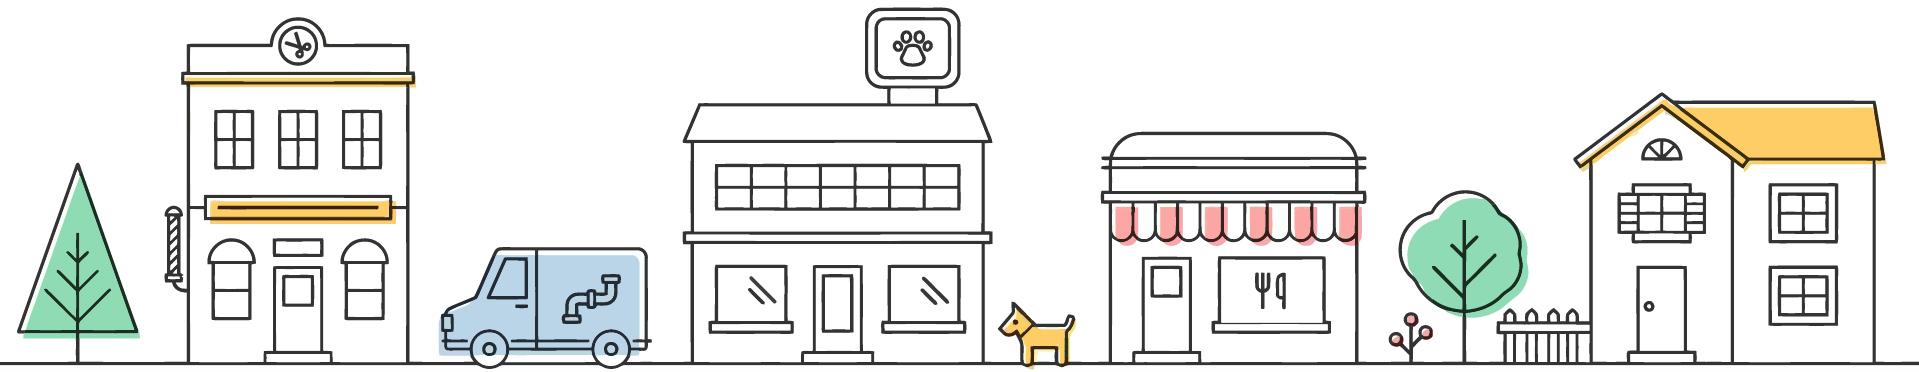 shop illustration